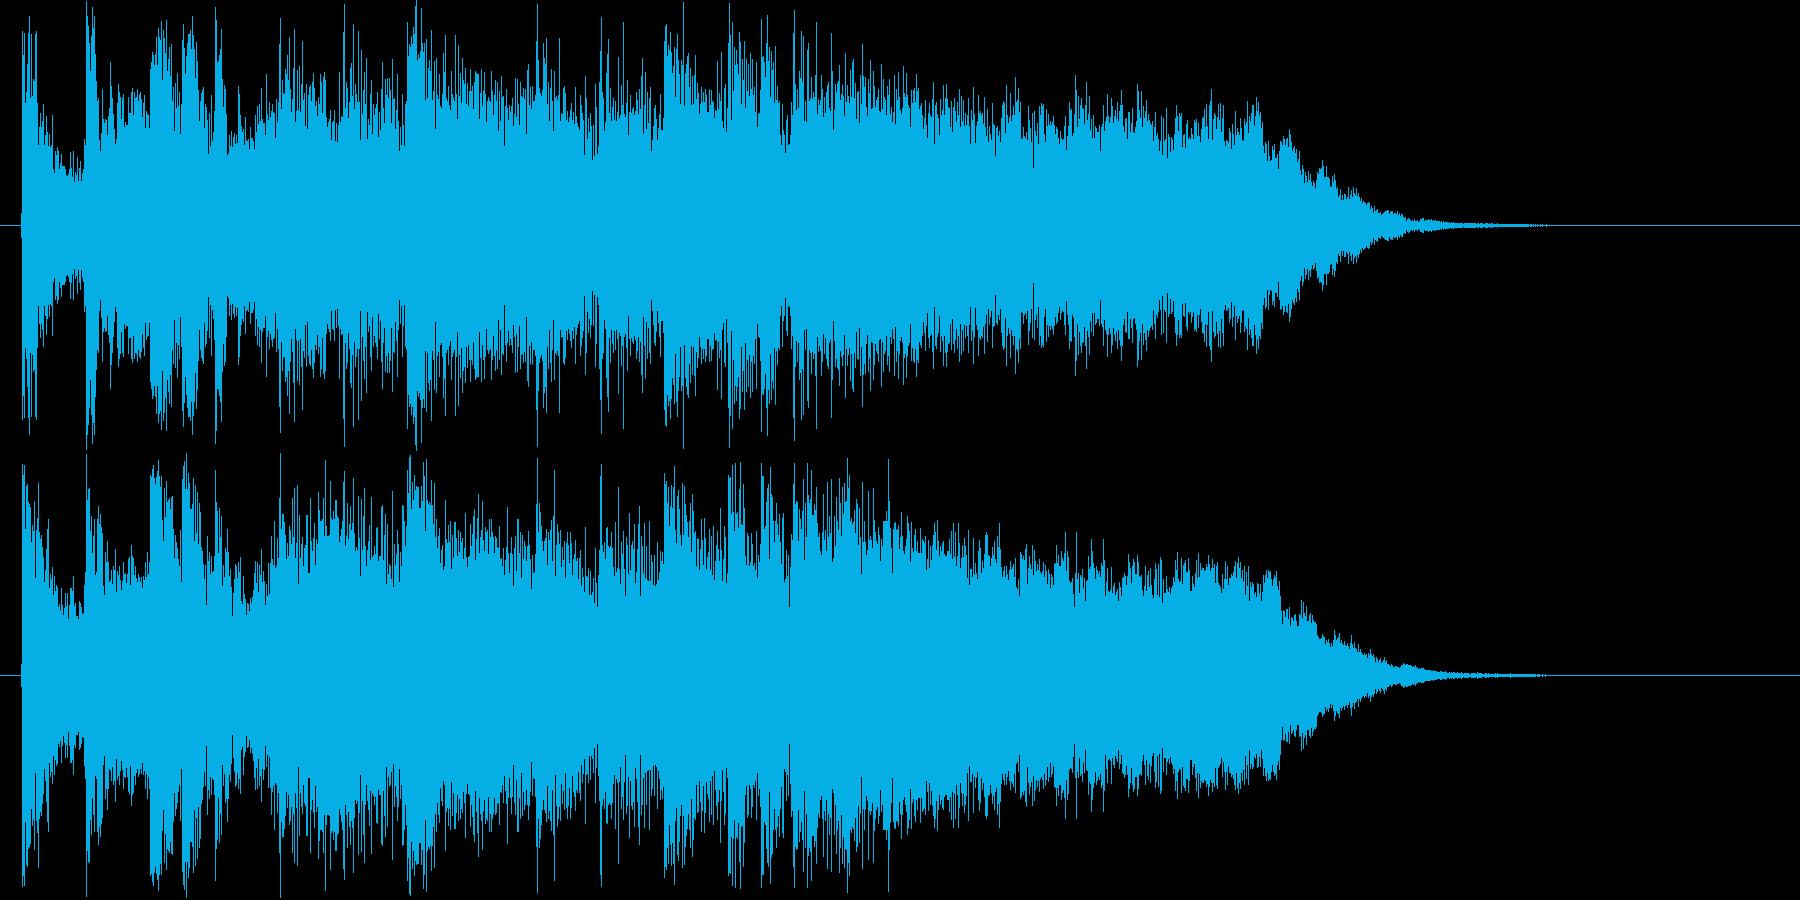 突発的なハードロックジングルの再生済みの波形